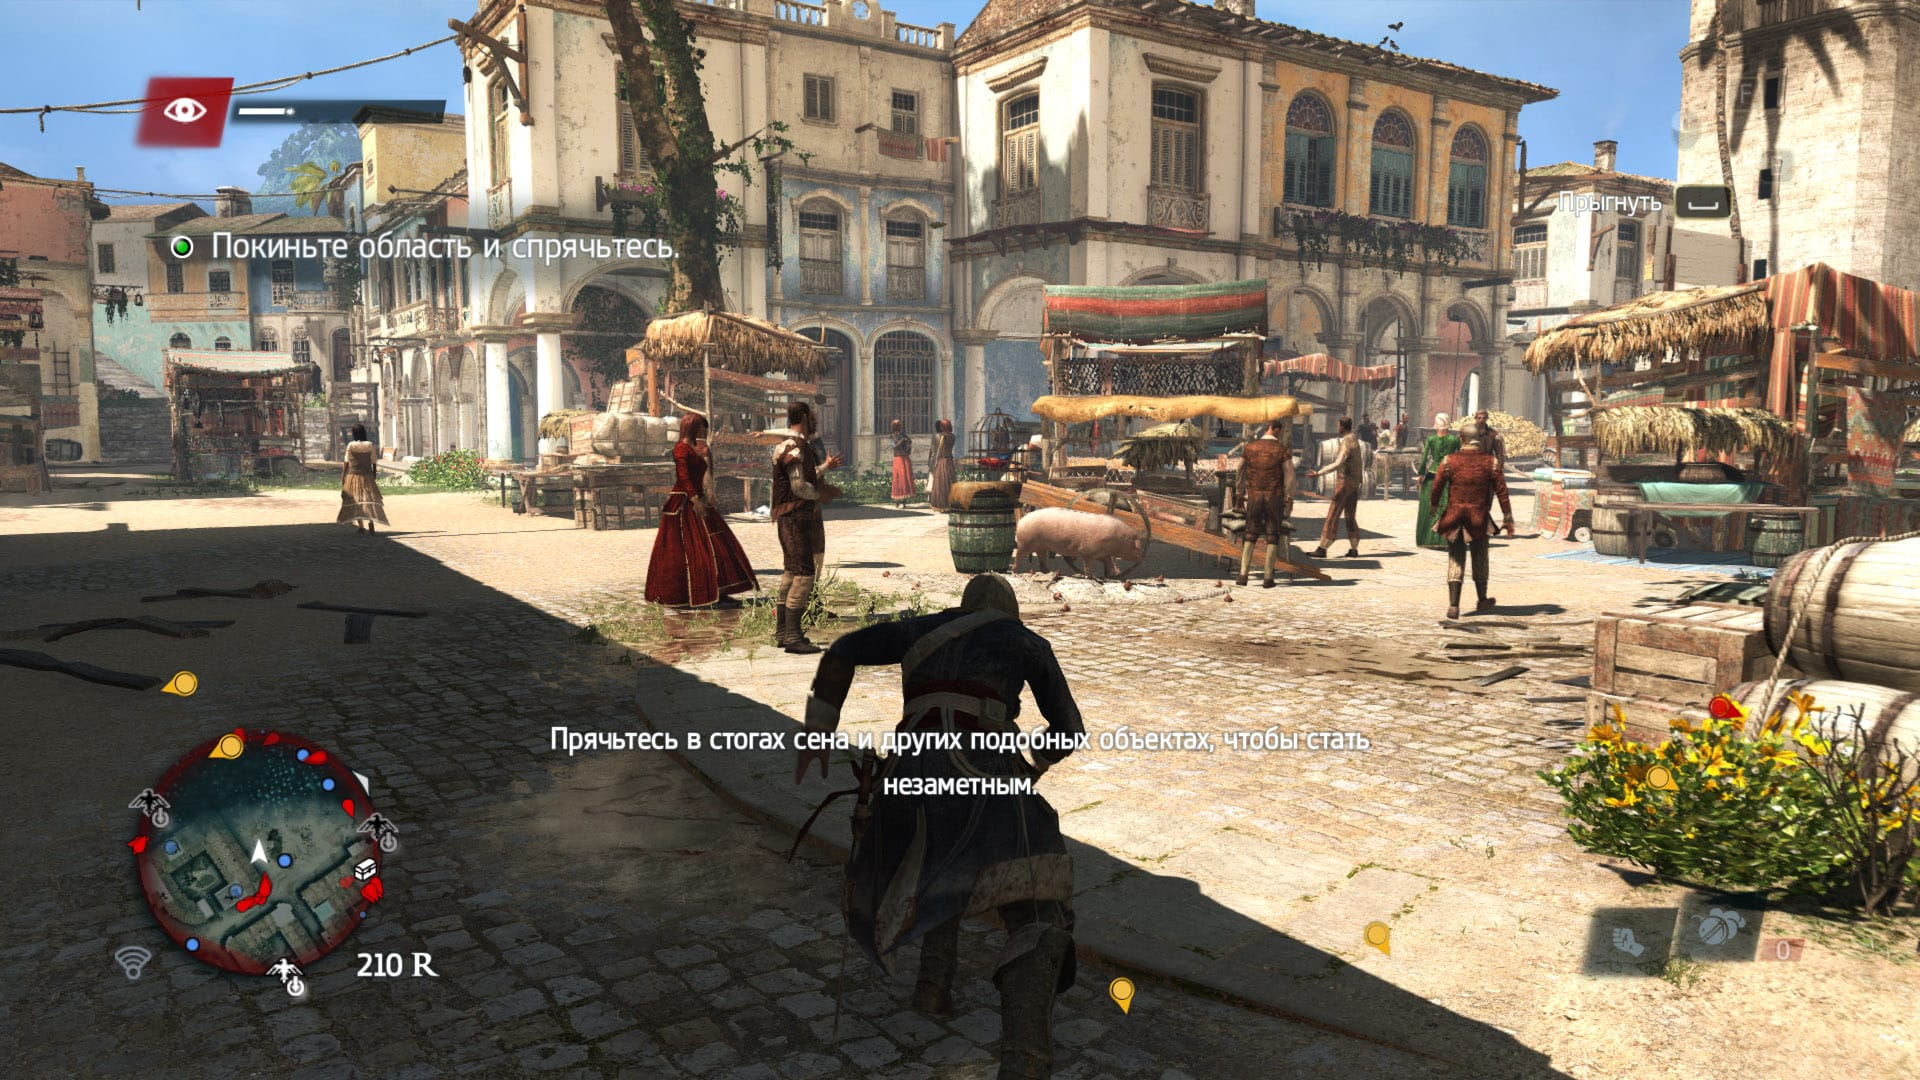 Assassin's creed 4: black flag скачать торрент бесплатно на пк.